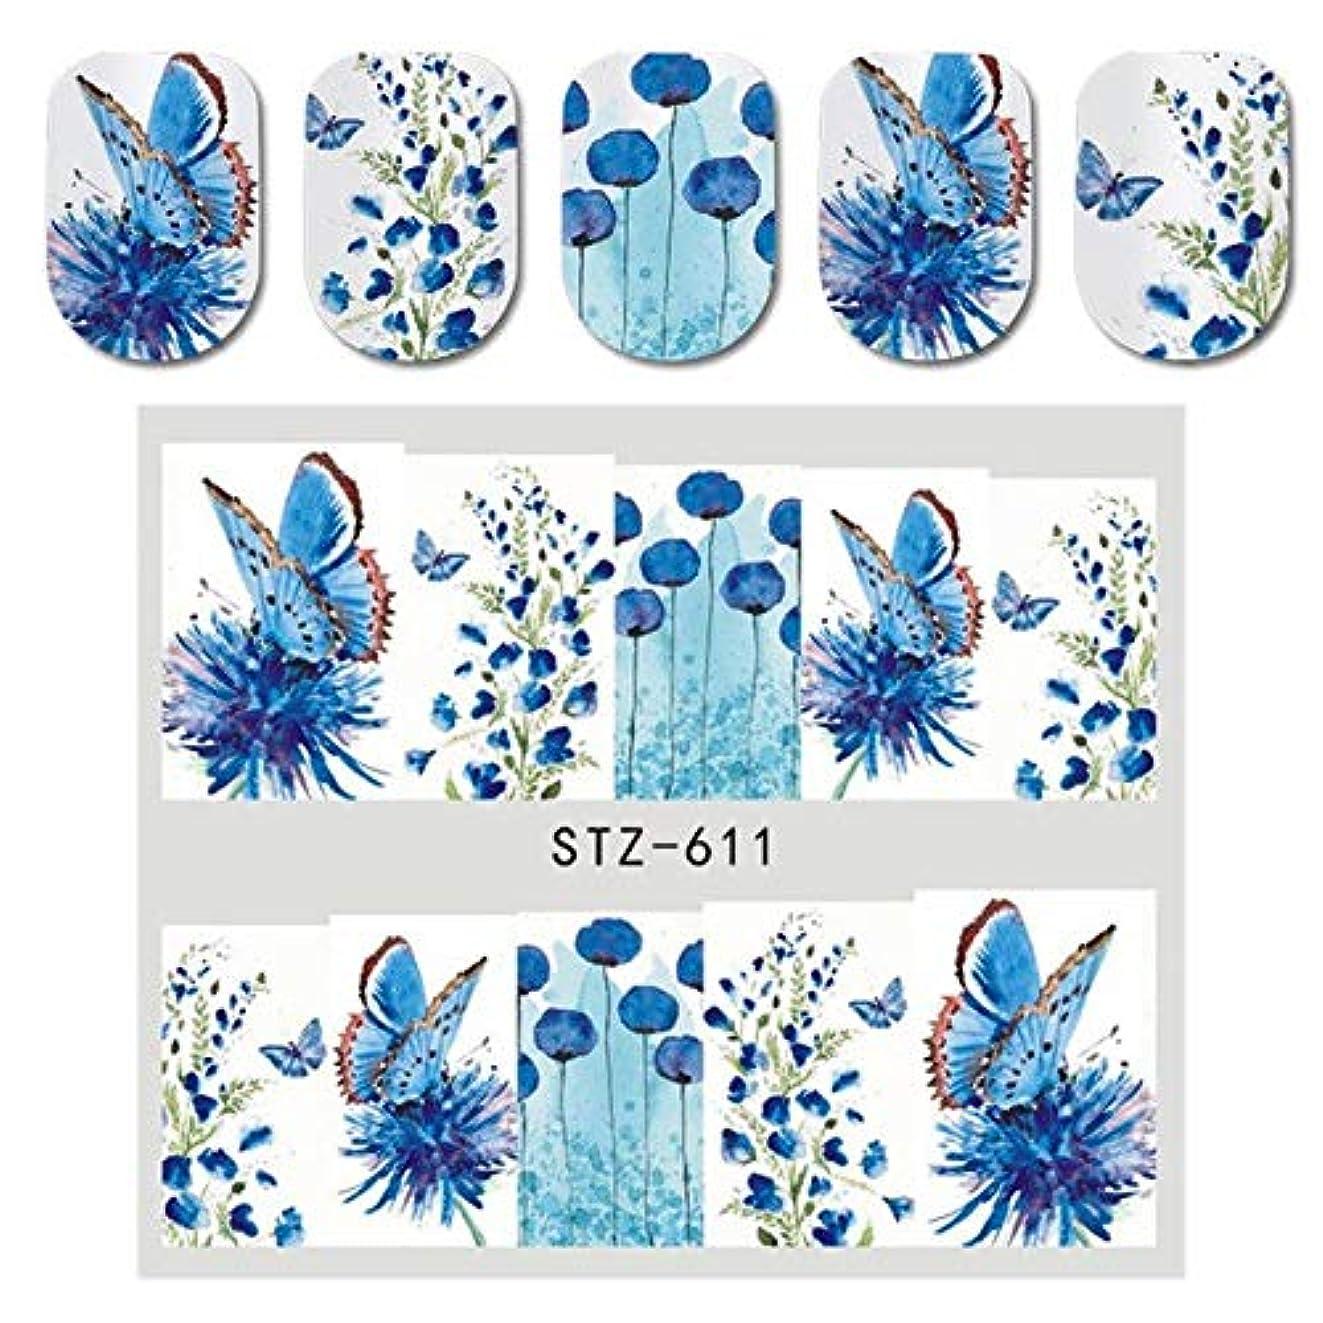 提供パンダ真似るSUKTI&XIAO ネイルステッカー 春と夏のネイルステッカーネイルジュエリー装飾的な透かしステッカー花油絵パターン